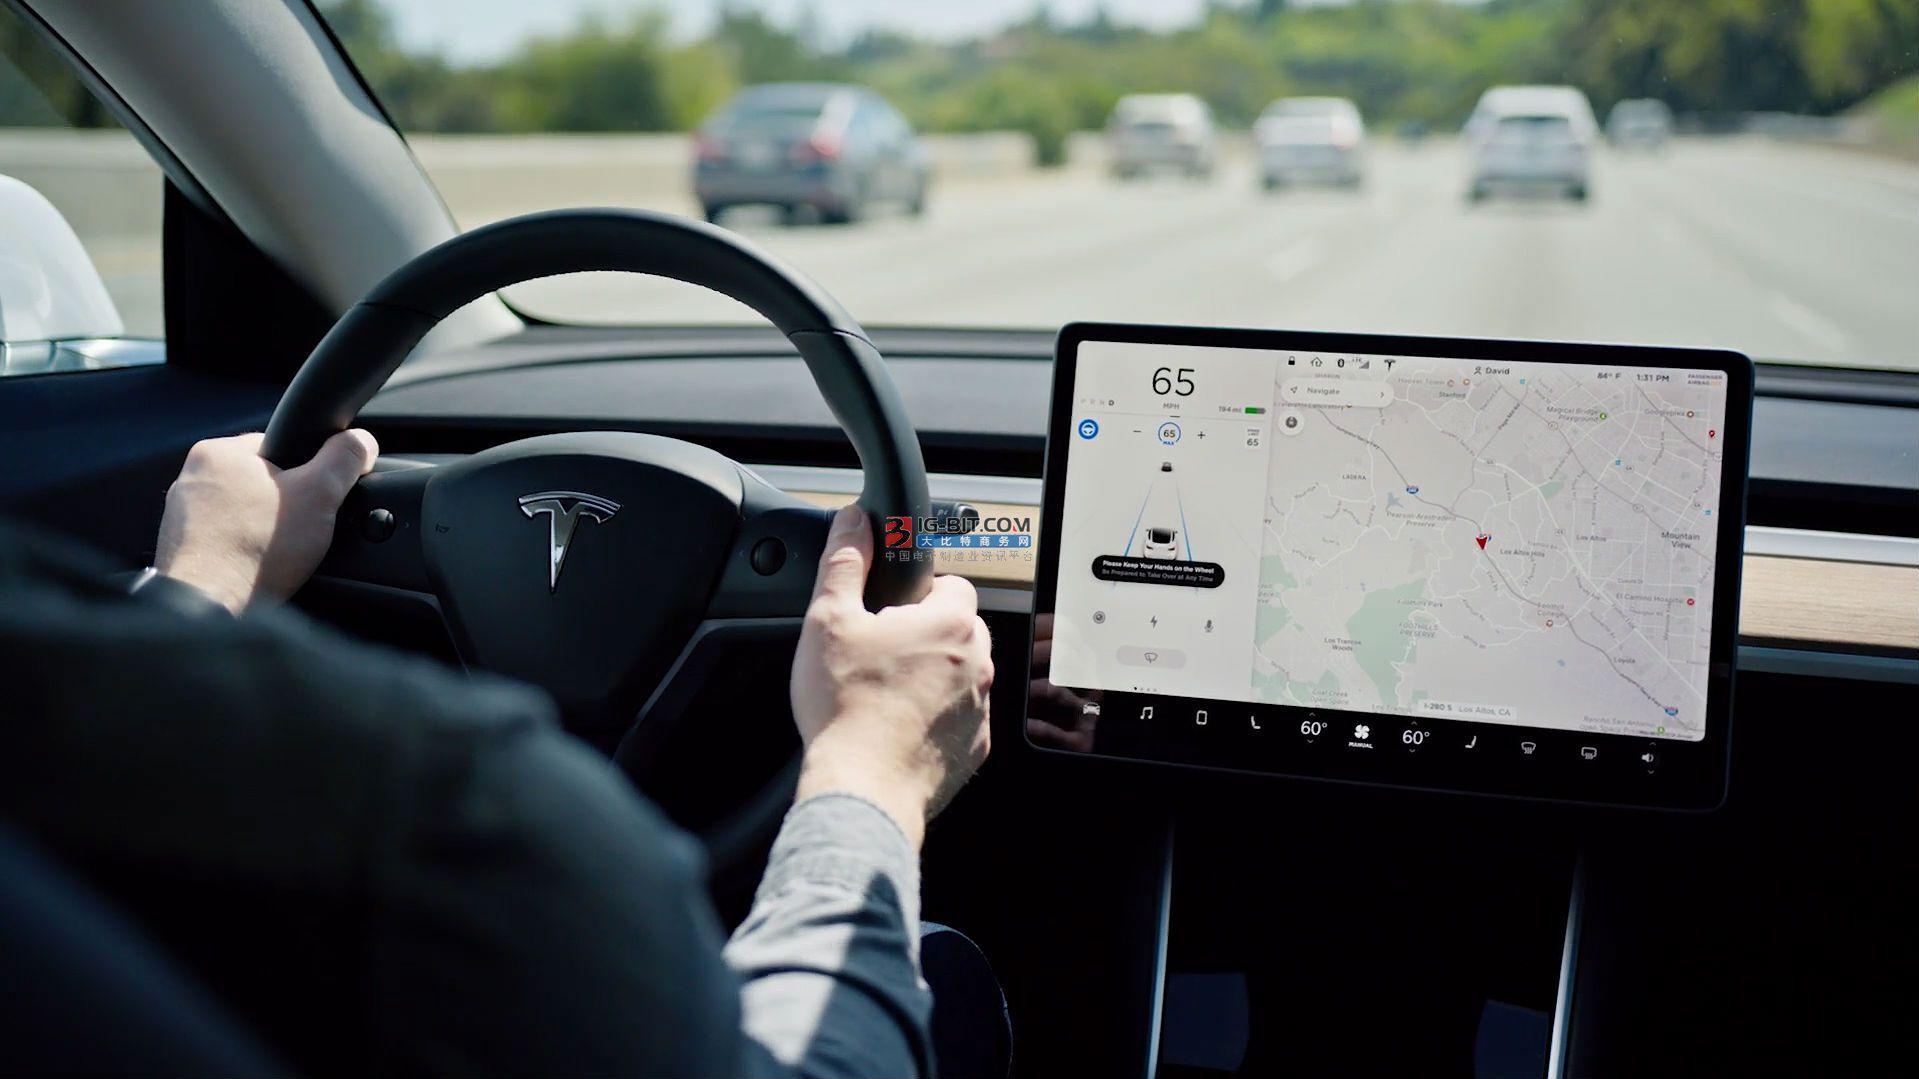 AutoX創始人:自動駕駛未來兩三年內可實現拿掉安全員